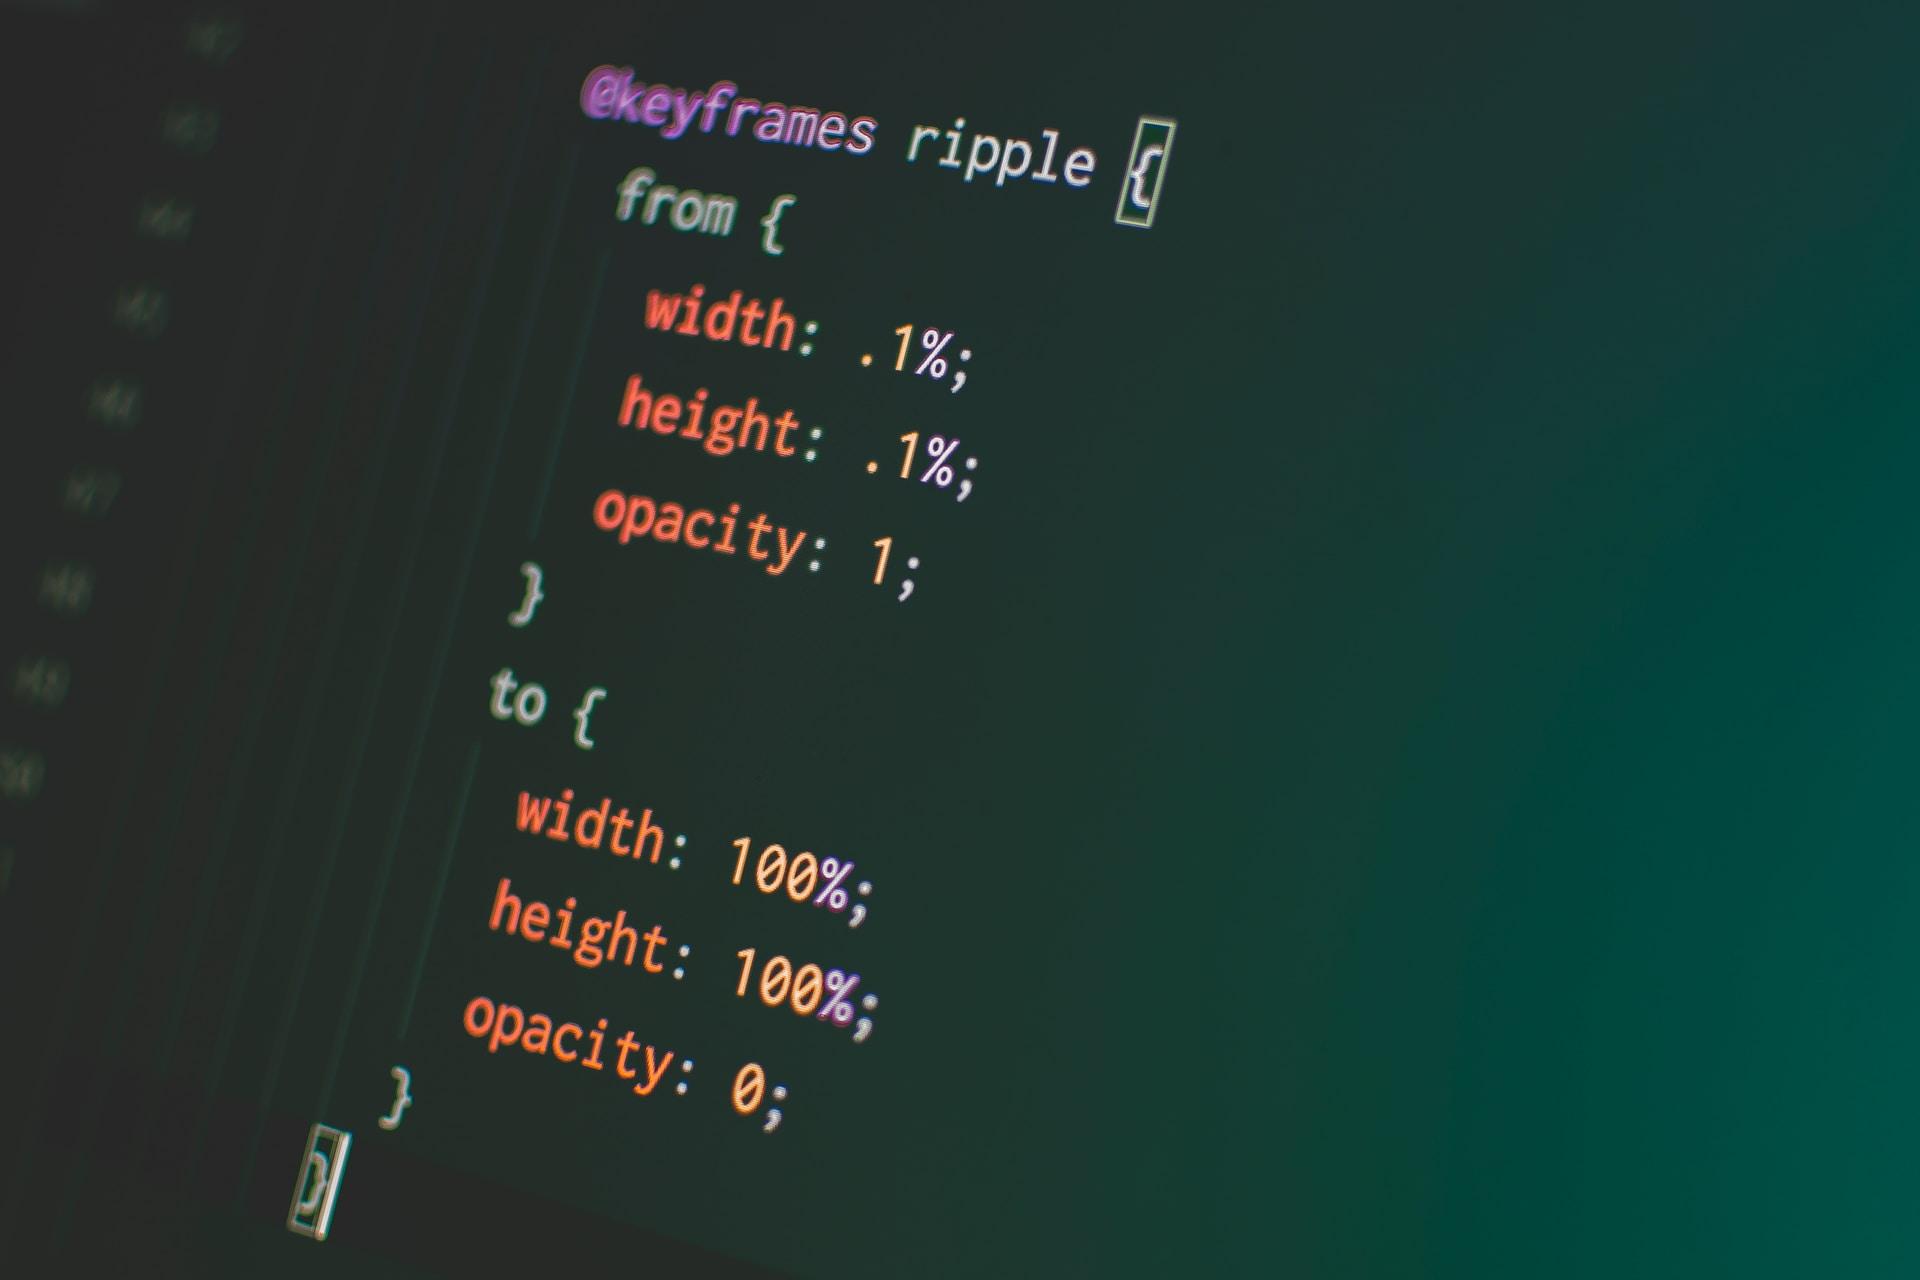 Database Monitoring - Troubleshooting Prometheus With SCUMM